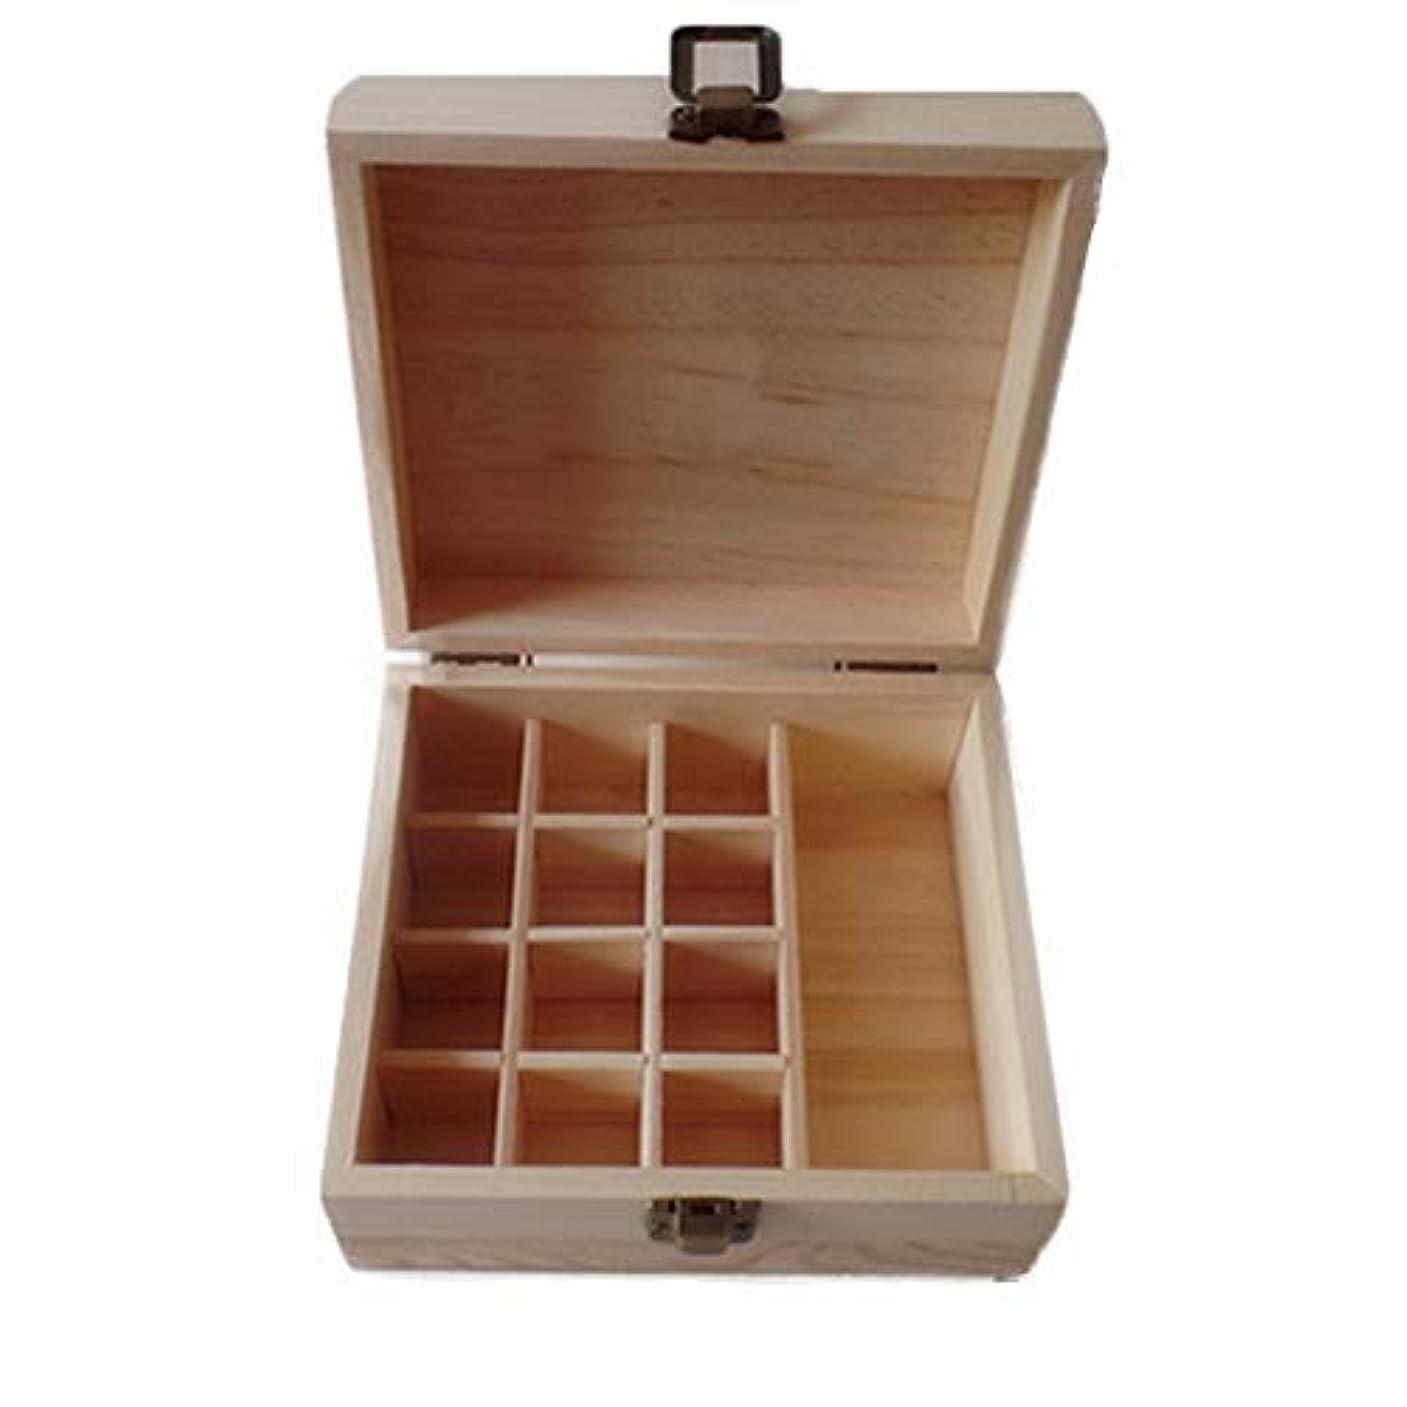 受け入れ無死んでいるディスプレイのプレゼンテーションのために完璧な13スロットエッセンシャルオイルストレージ木箱エッセンシャルオイル木製ケース アロマセラピー製品 (色 : Natural, サイズ : 15X16.9X8CM)